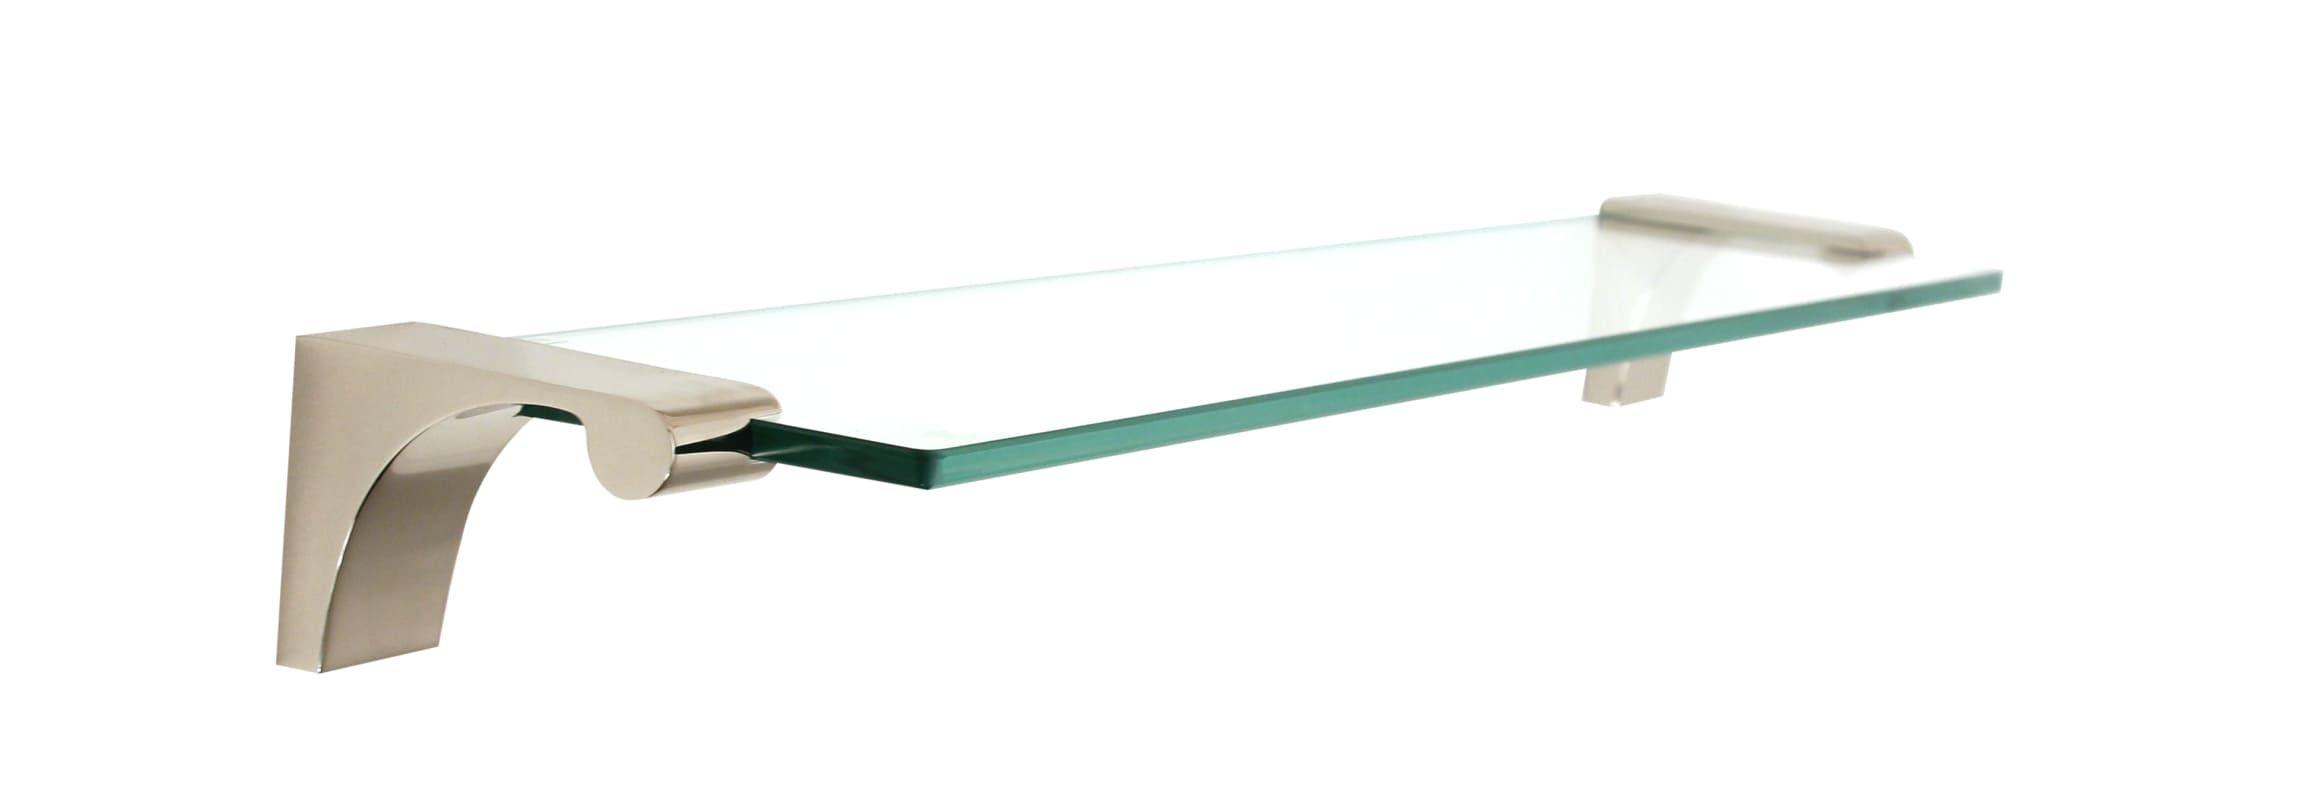 Alno A6850-18 18 Inch Wide Glass Shelf with Brass Mounting Brackets ...